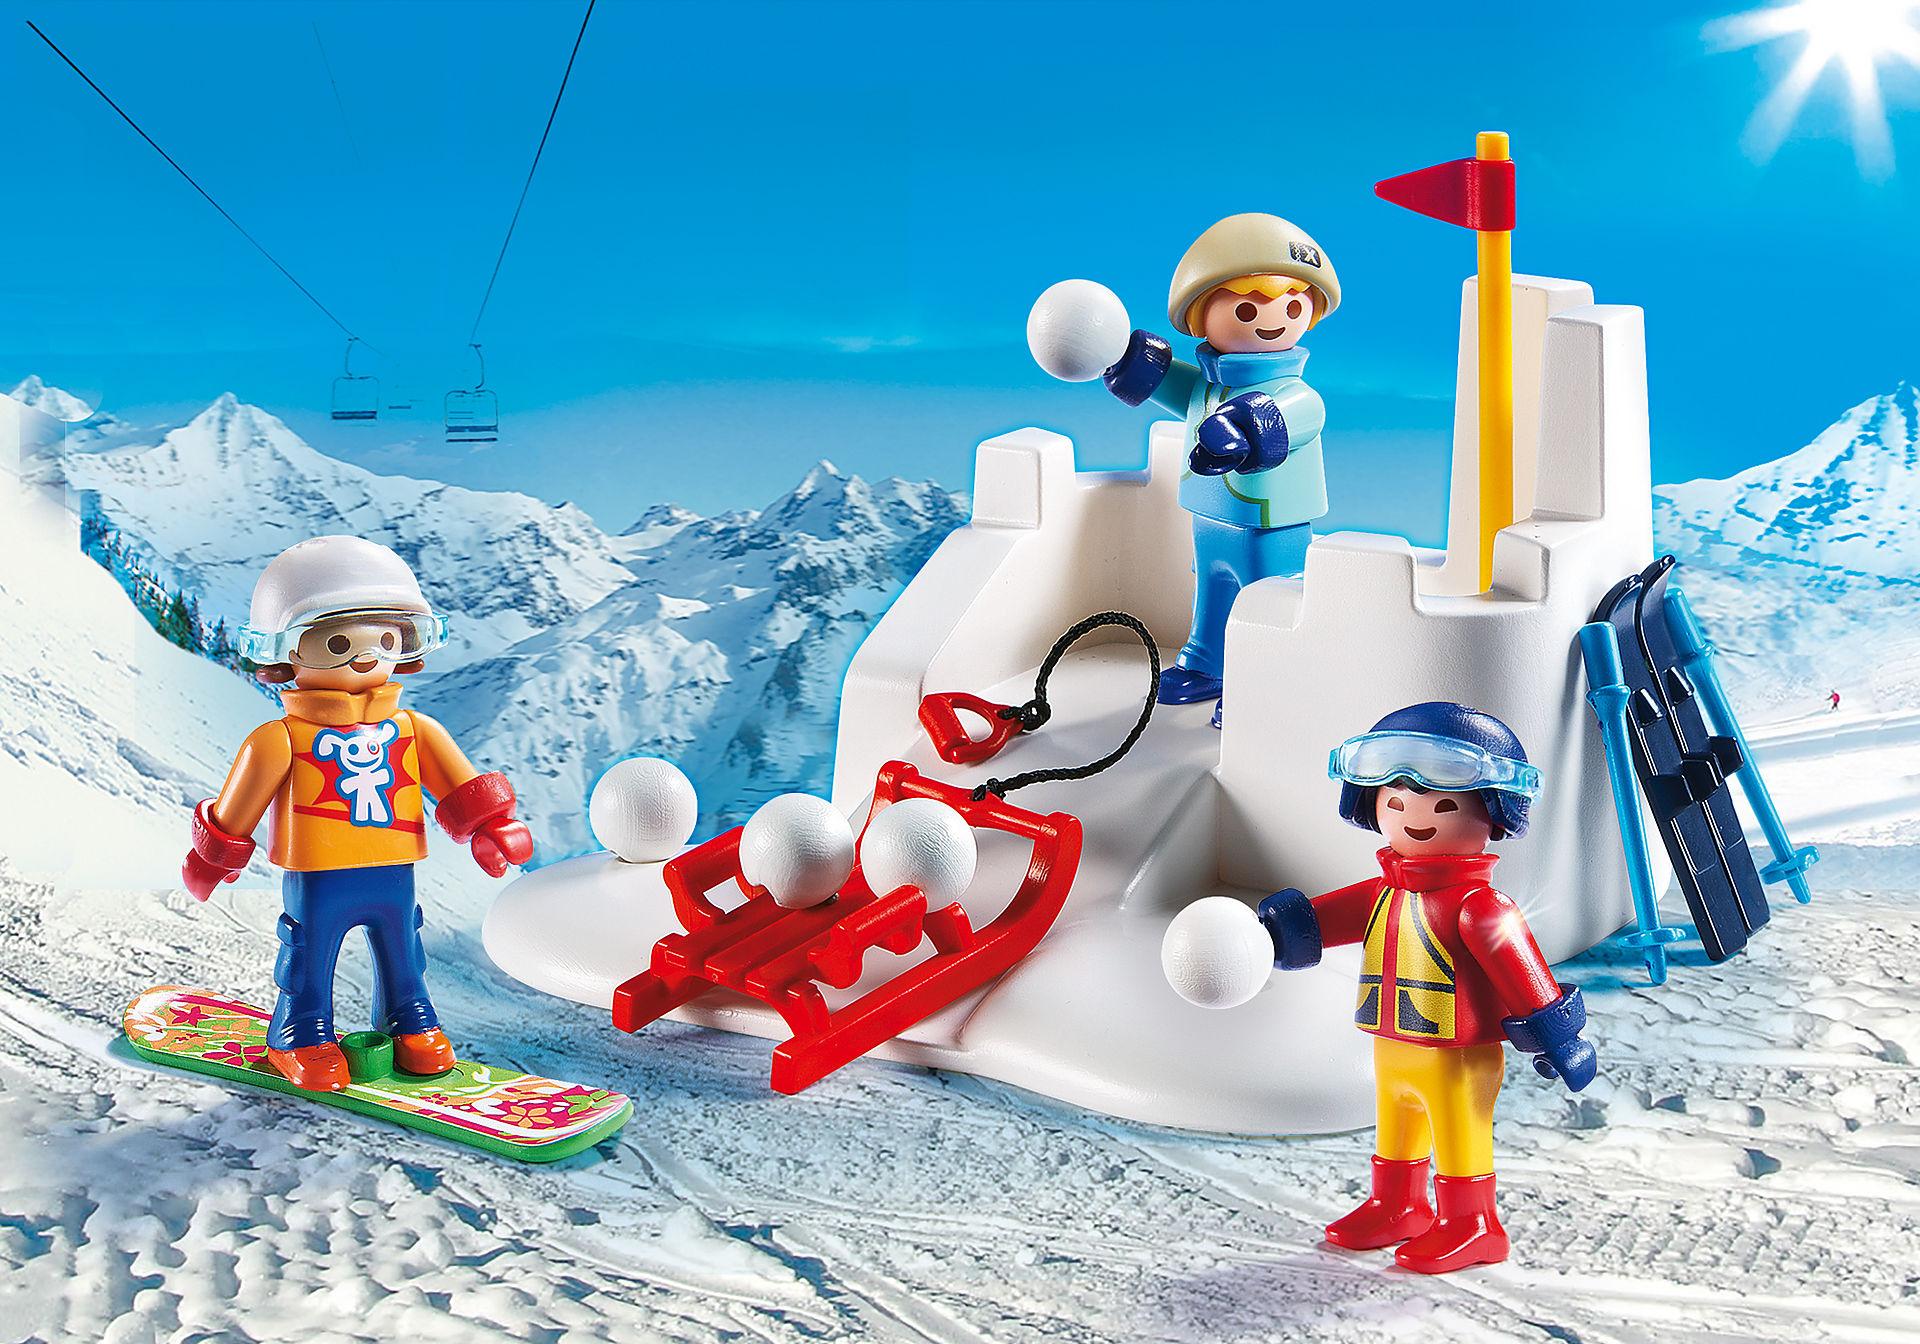 9283 Παιχνίδια στο χιόνι zoom image1